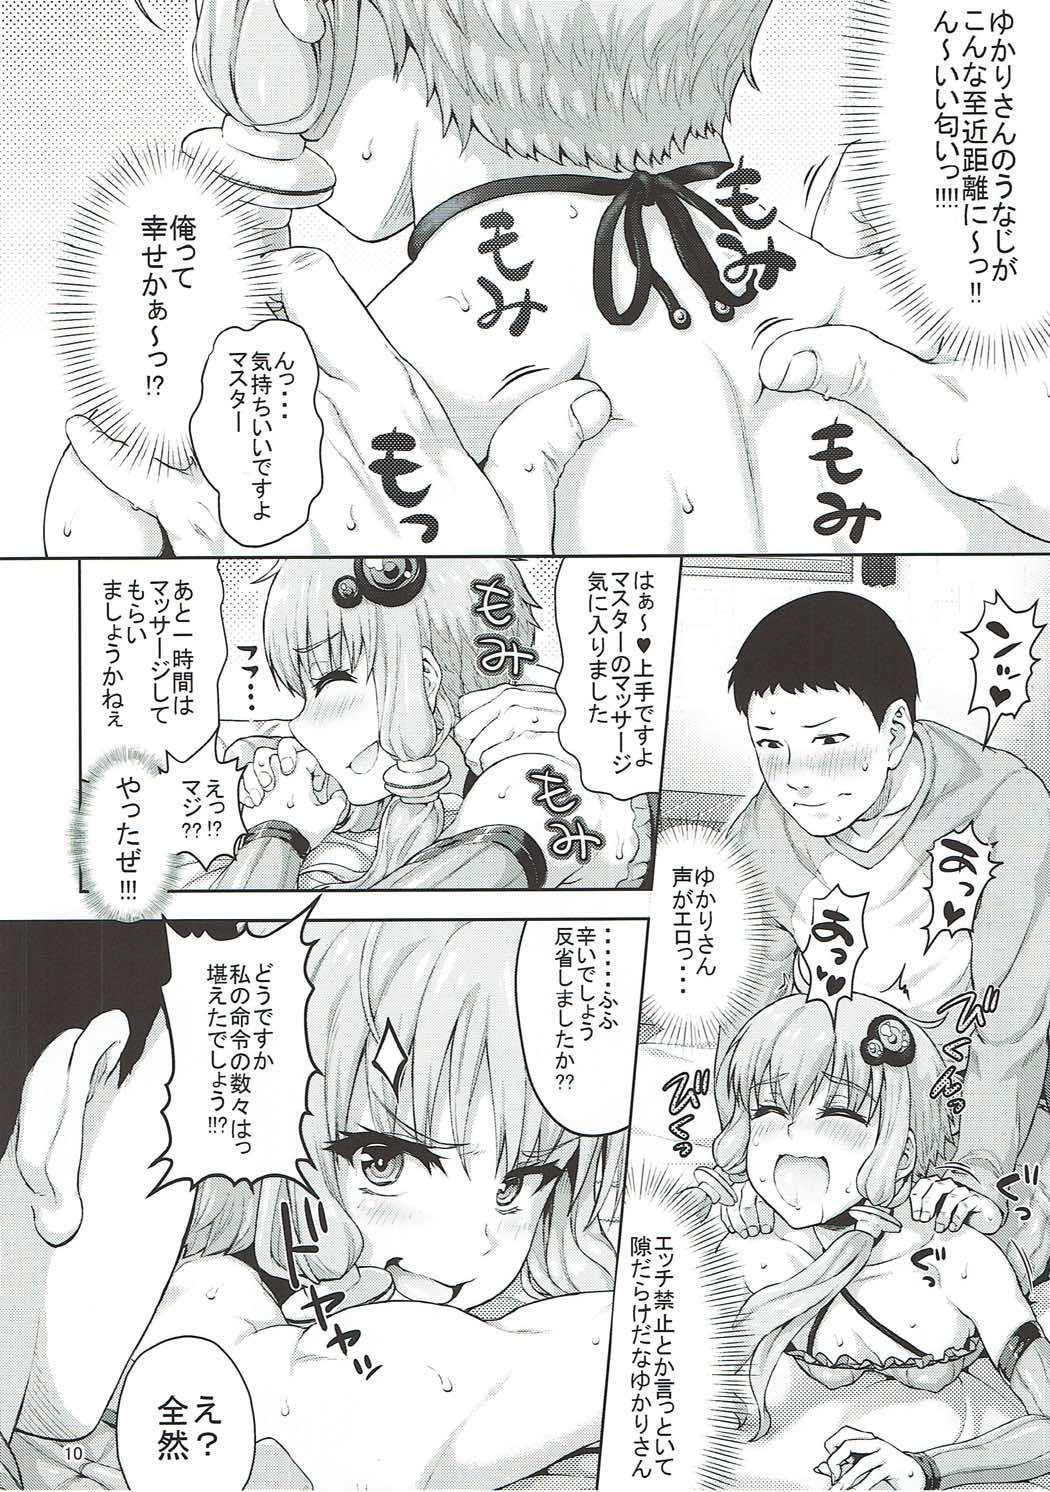 Yukari-san wa Zenzen Erokunai desu kara!!! 8